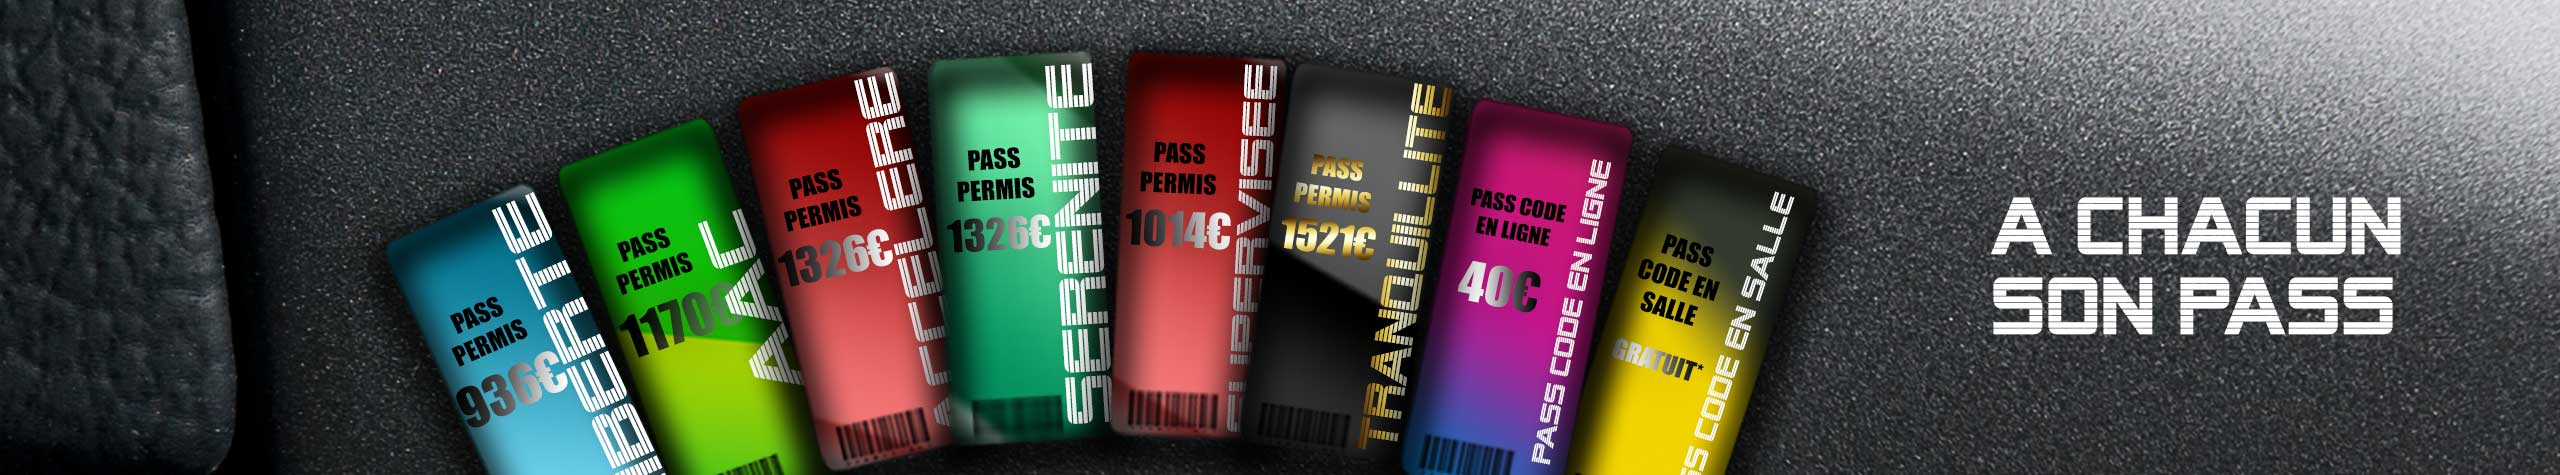 permisnet-banniere-3-3